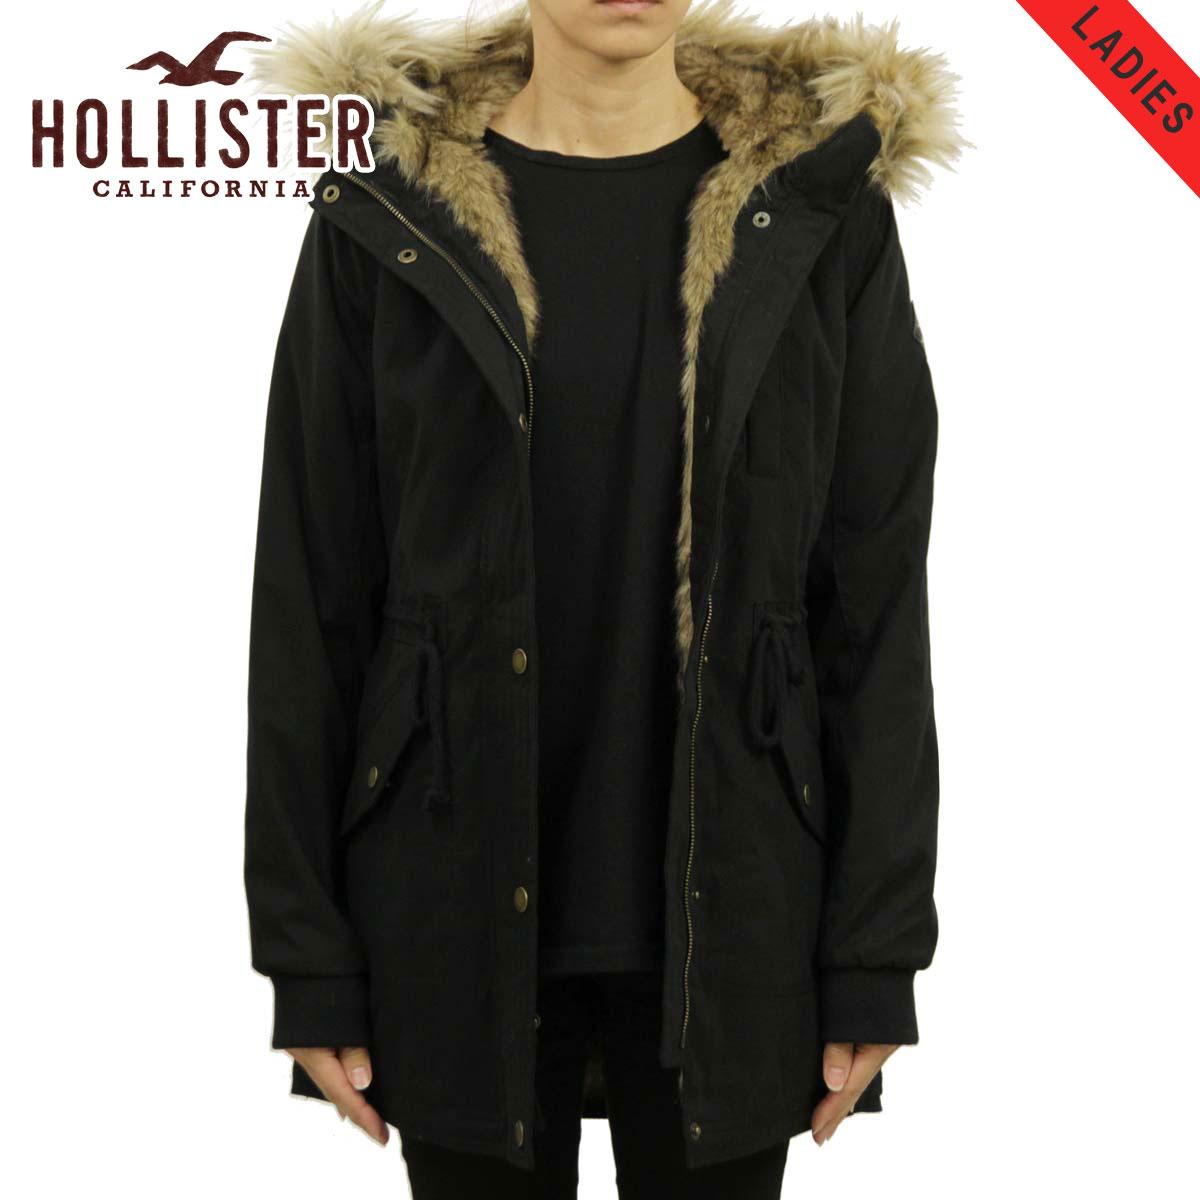 ホリスター HOLLISTER 正規品 レディース アウター フードロングコート Stretch Faux-Fur-Lined Parka 344-445-0675-900